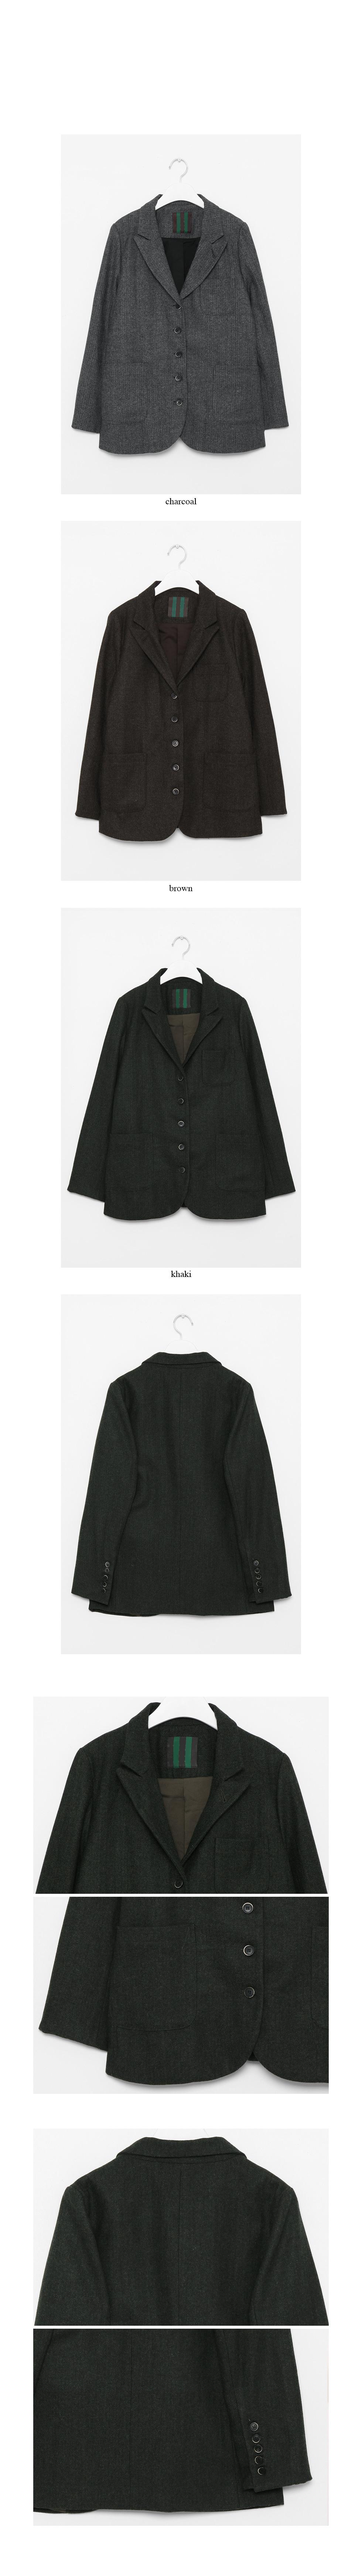 tweed wool simple jacket (3colors)